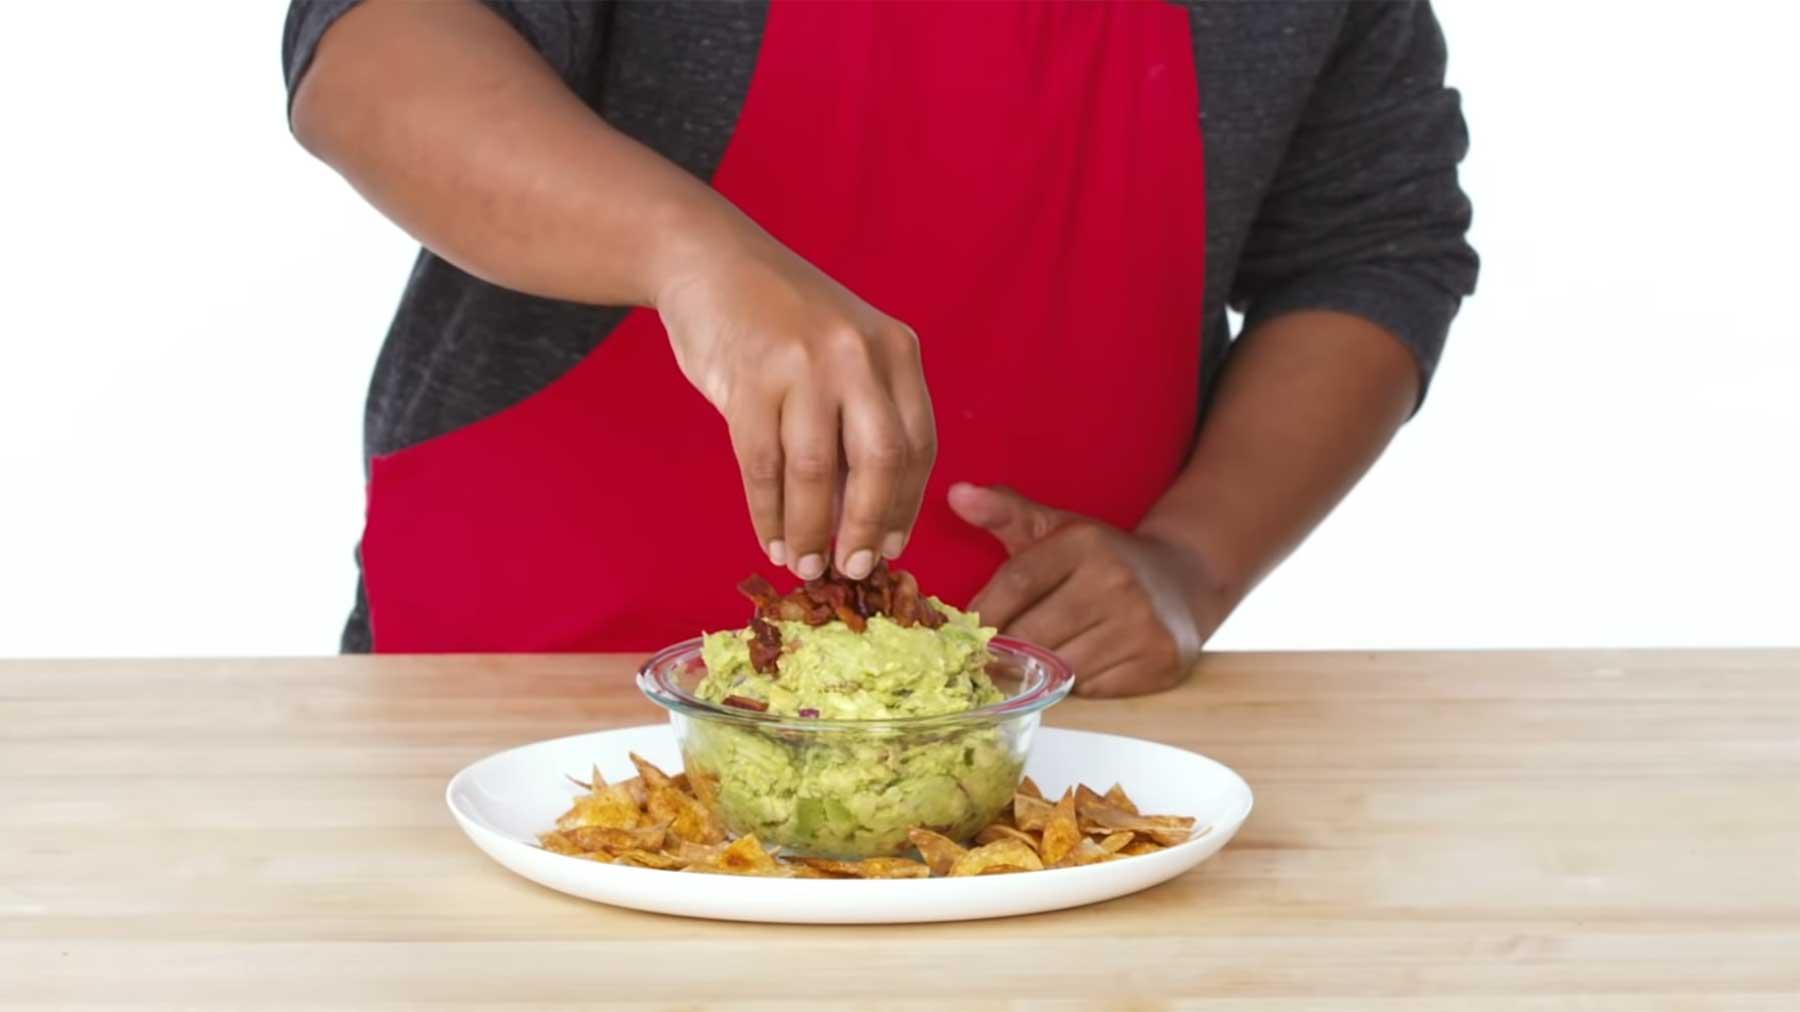 Köche unterschiedlicher Fähigkeitsstufen machen Chips & Guacamole